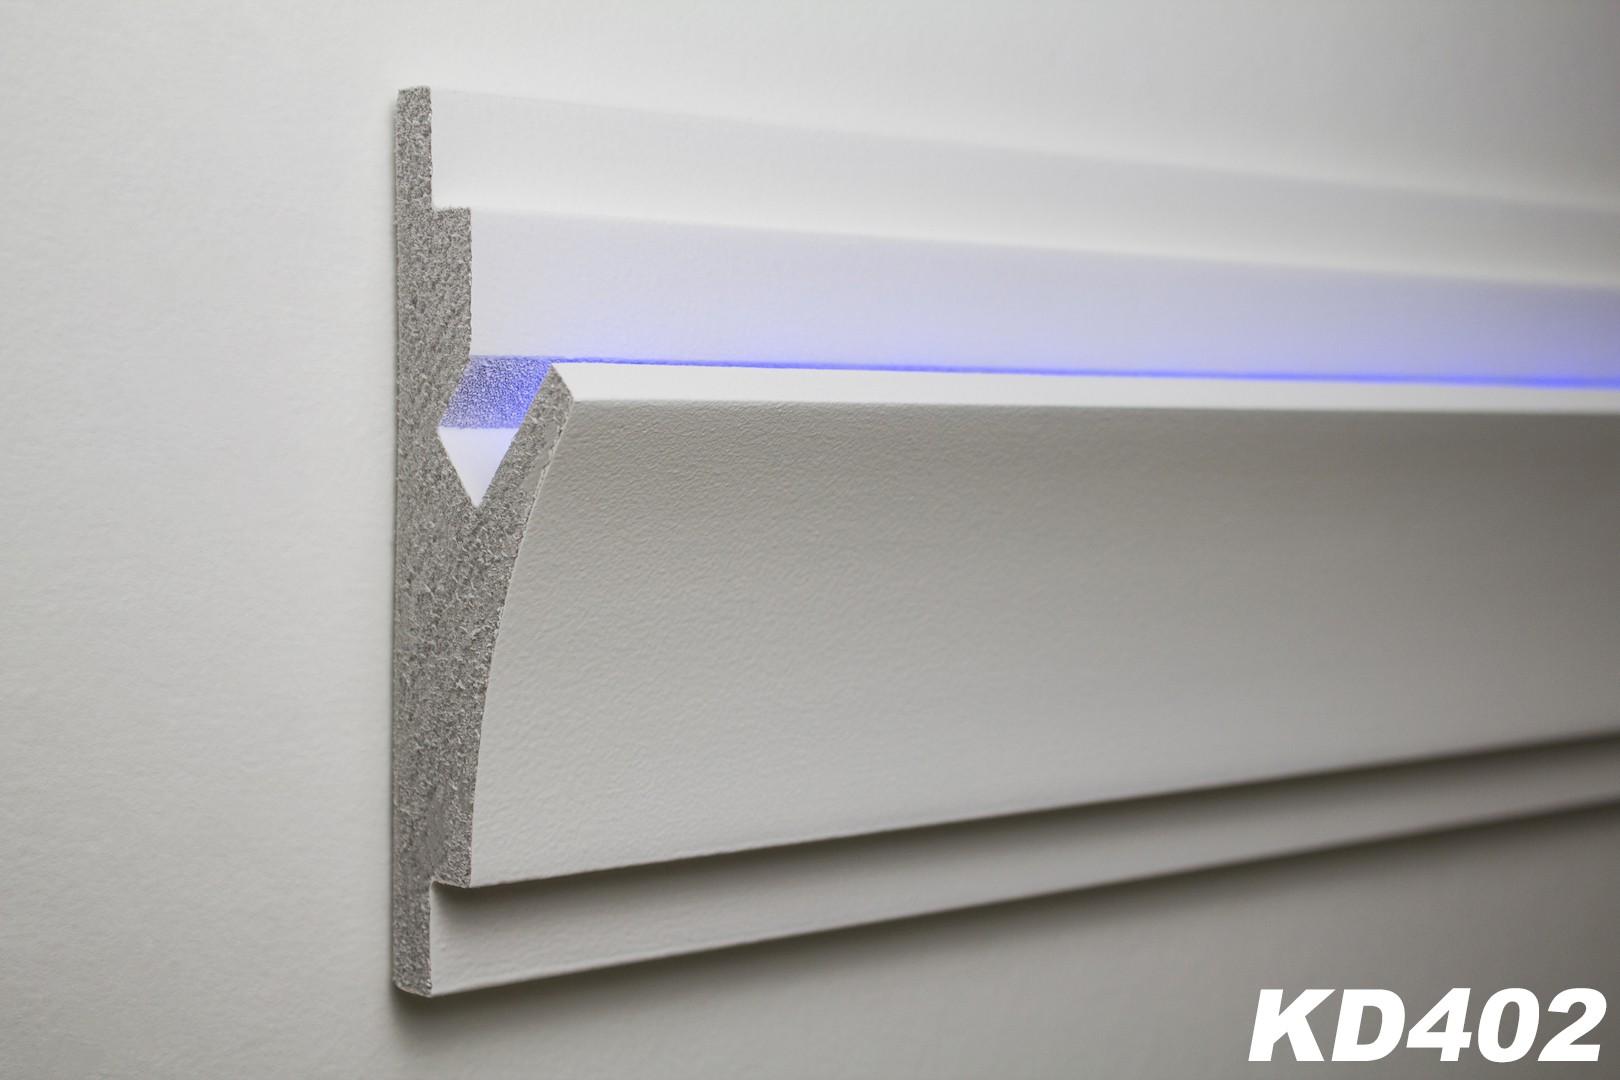 1 15 meter led stuckleiste f r indirekte beleuchtung xps 150x55 kd402 led rigipsprofile. Black Bedroom Furniture Sets. Home Design Ideas